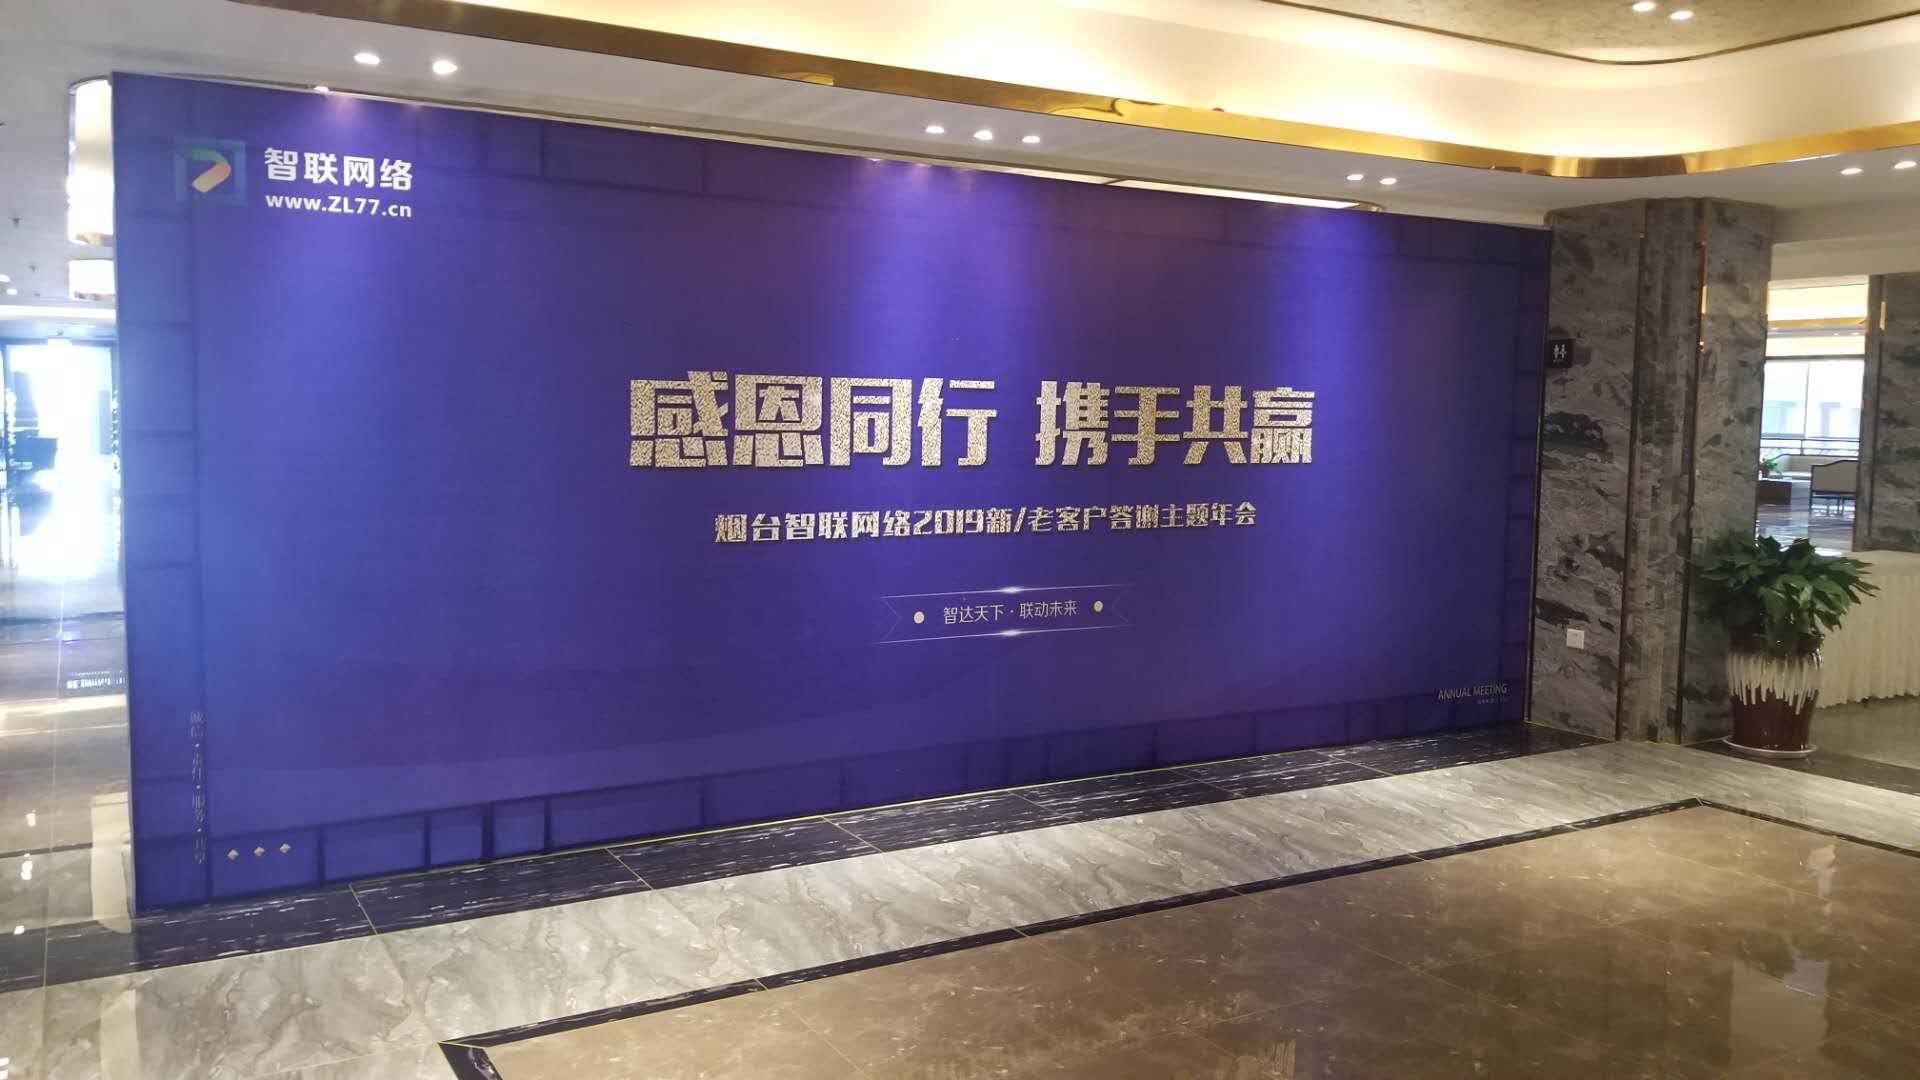 2019新闻热点(简短)_时事新闻2019简短